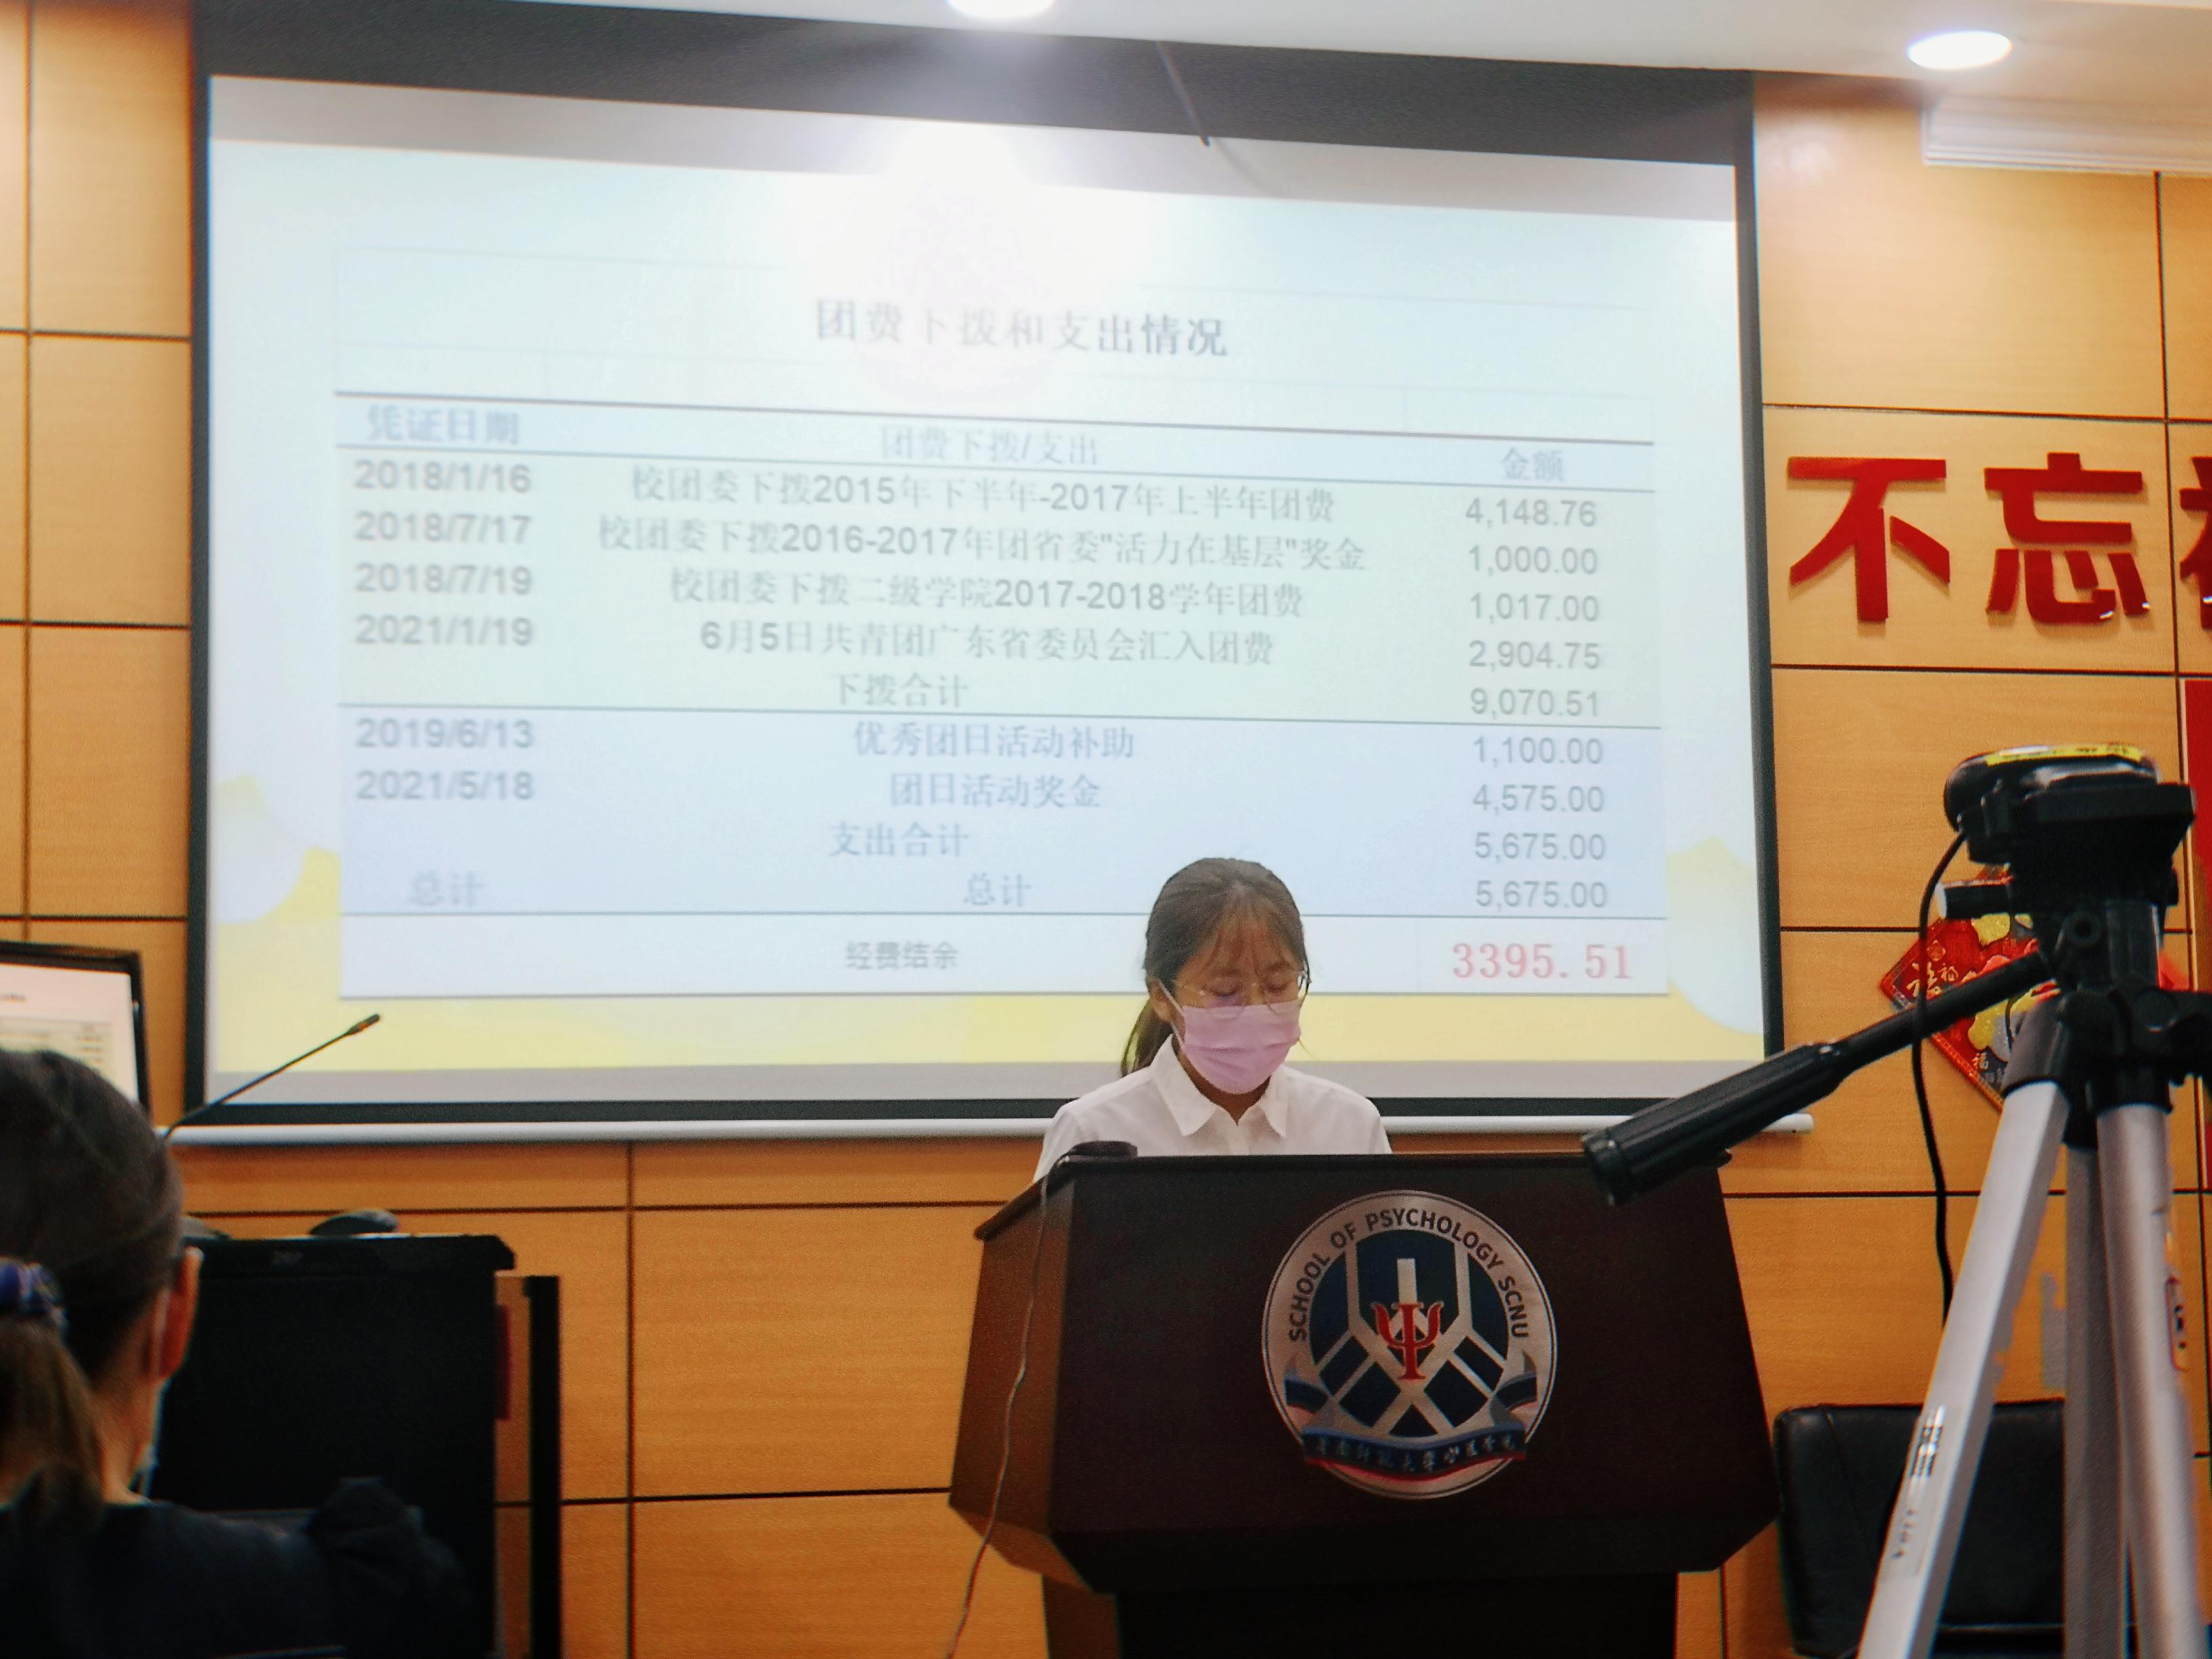 图4 陈云喊同学做团费收支报告.jpg